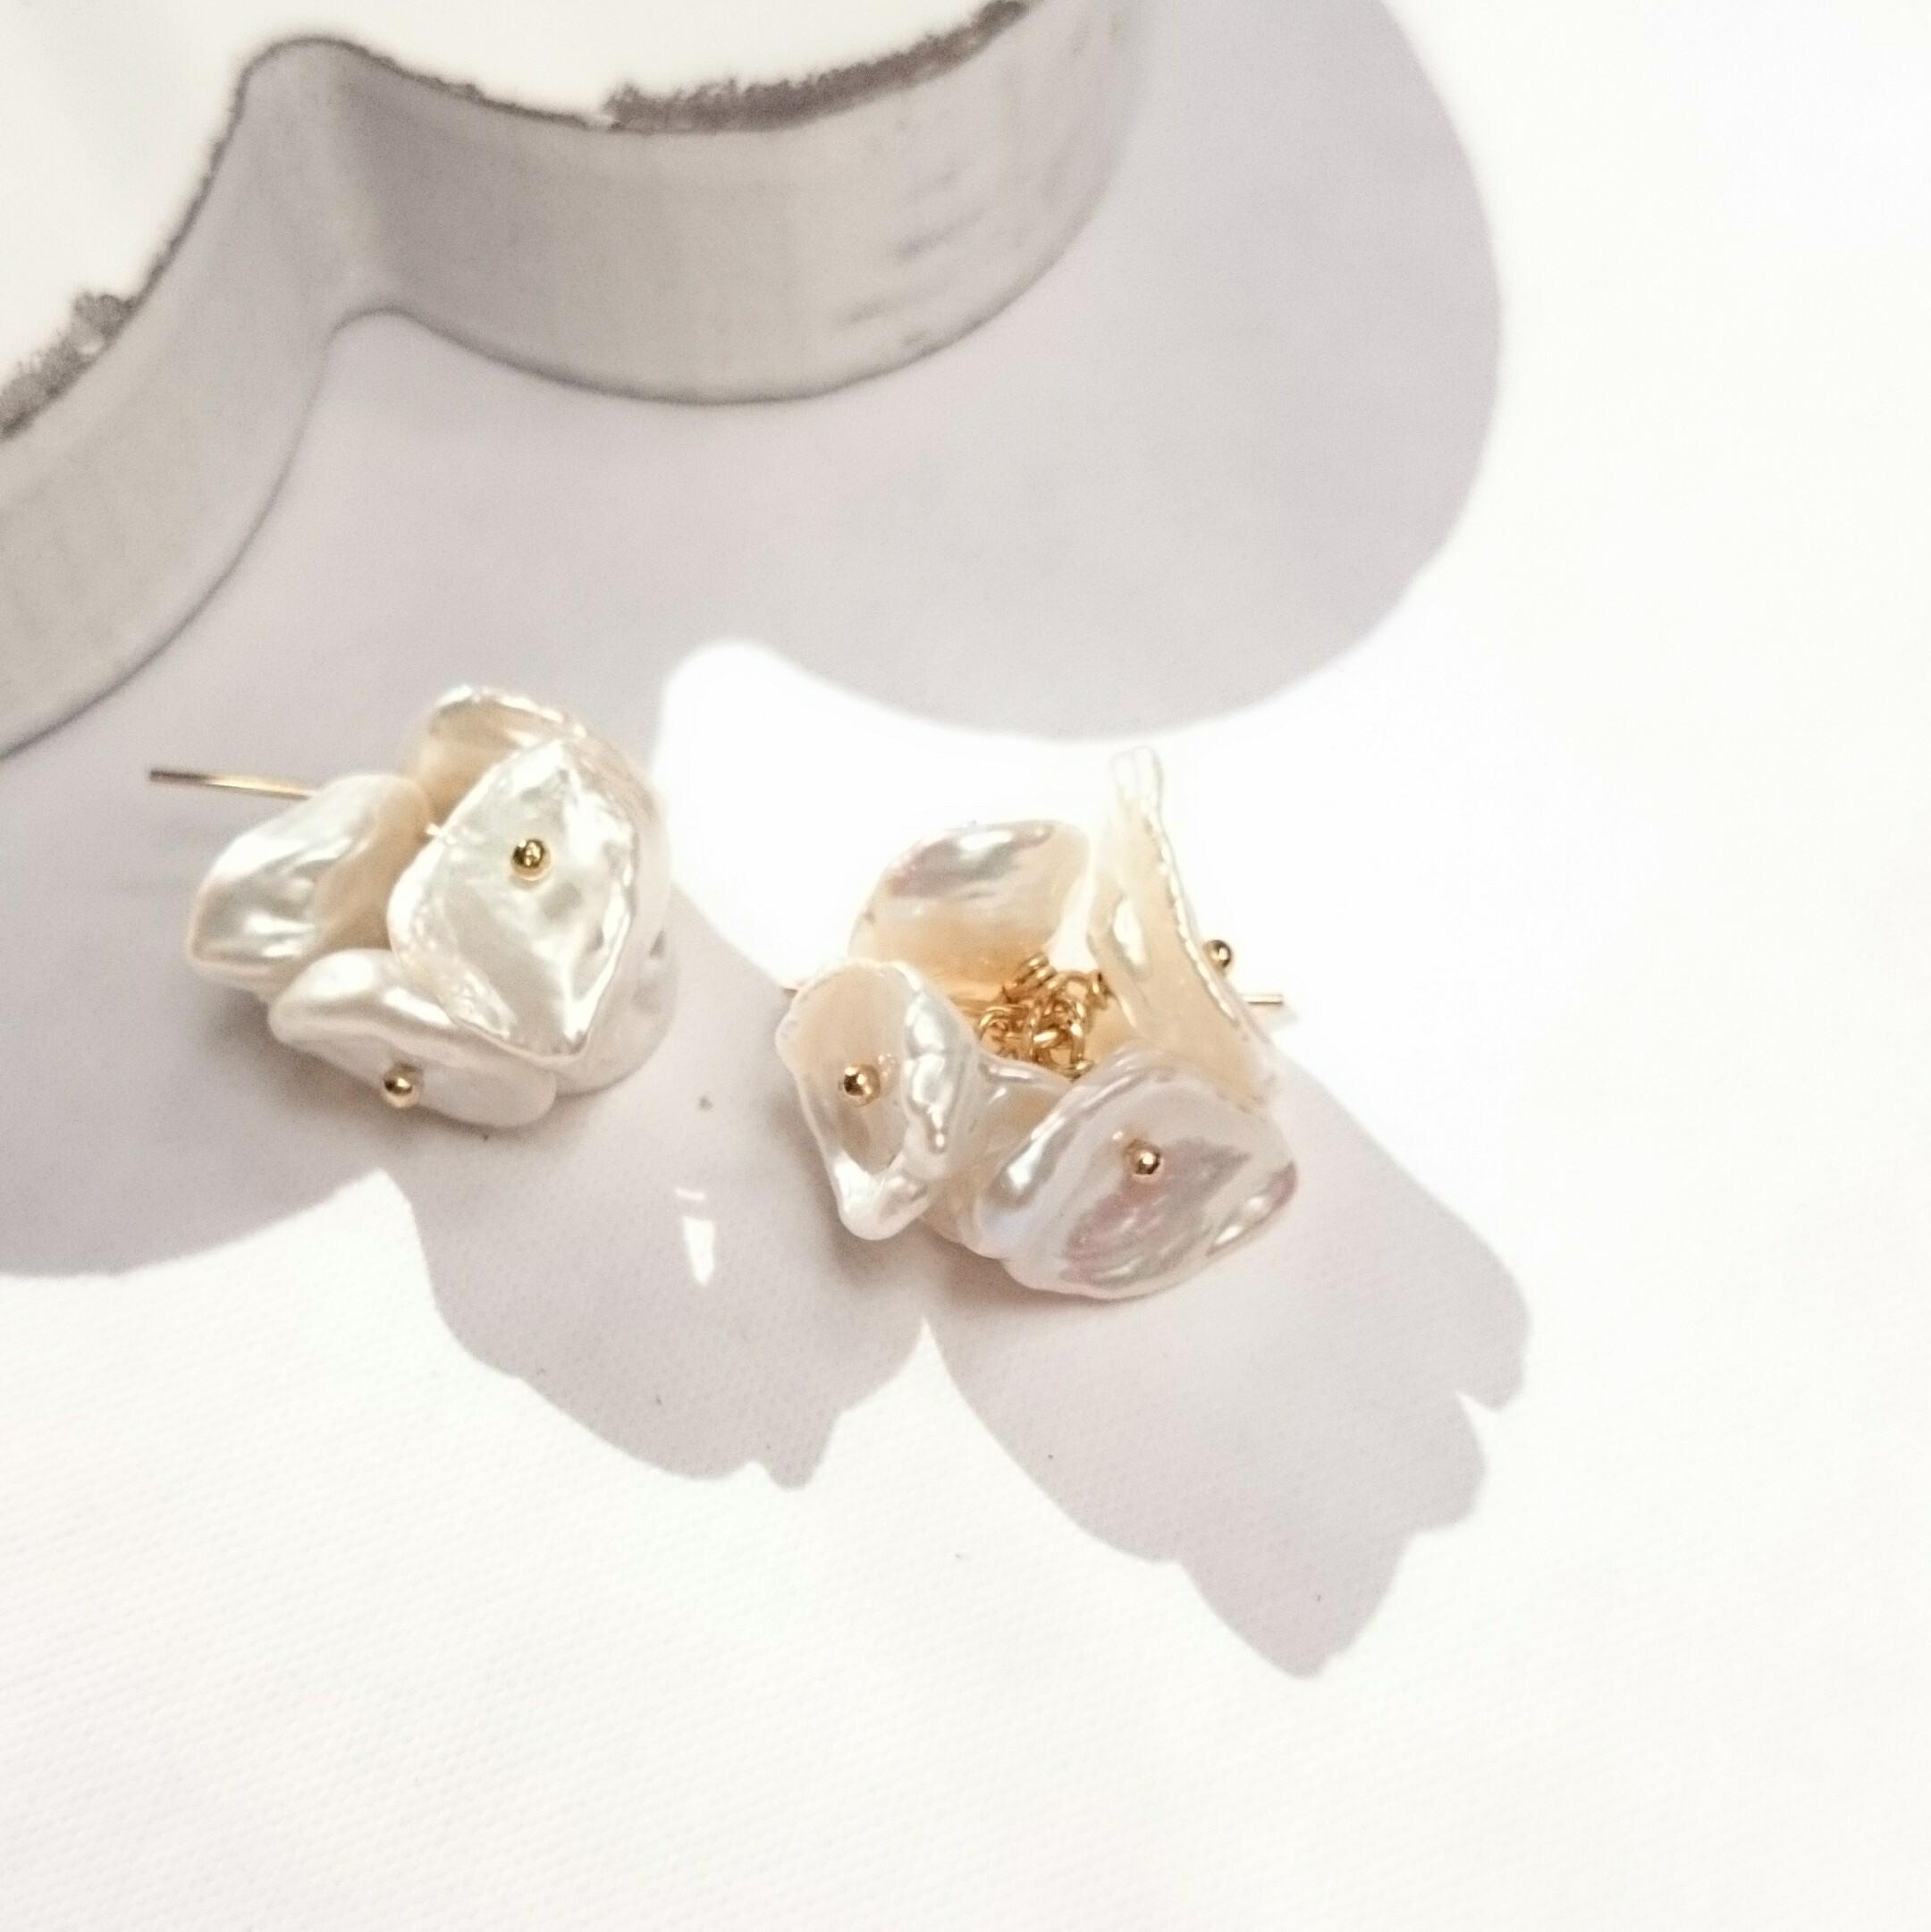 送料無料14kgf*petal freshwater pearl pierced earring/earring